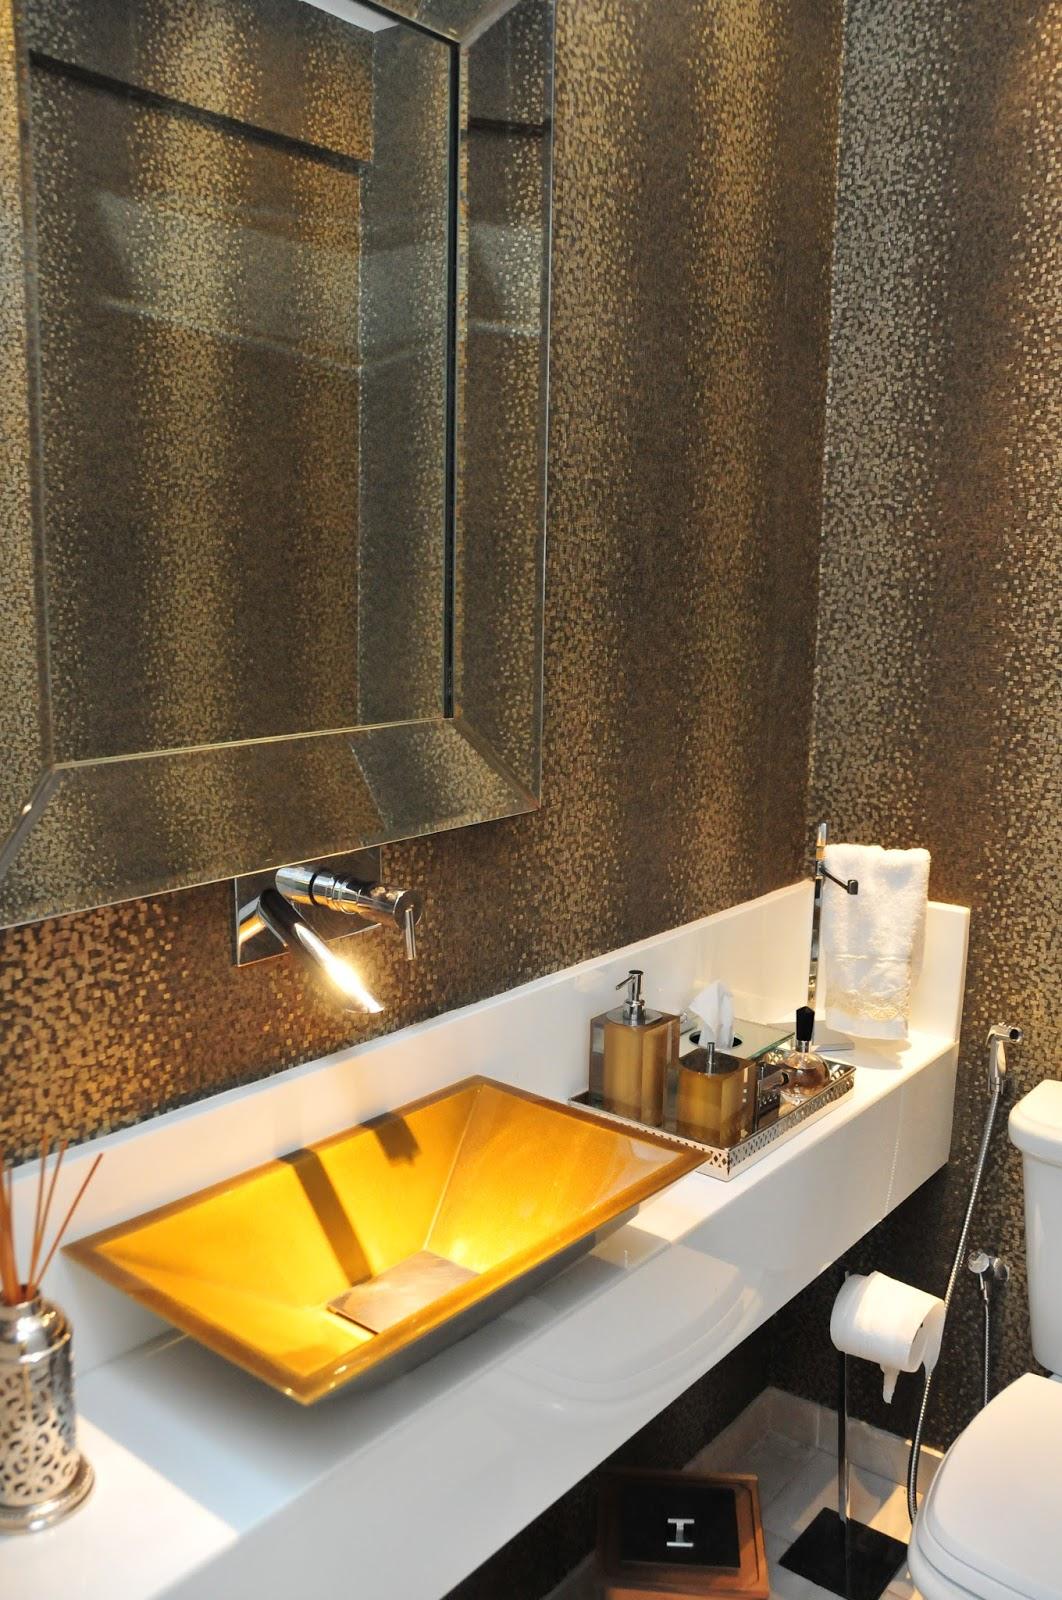 Construindo Minha Casa Clean Banheiros e Lavabos Decorados com Cubas Douradas! -> Cuba Para Banheiro Dourada